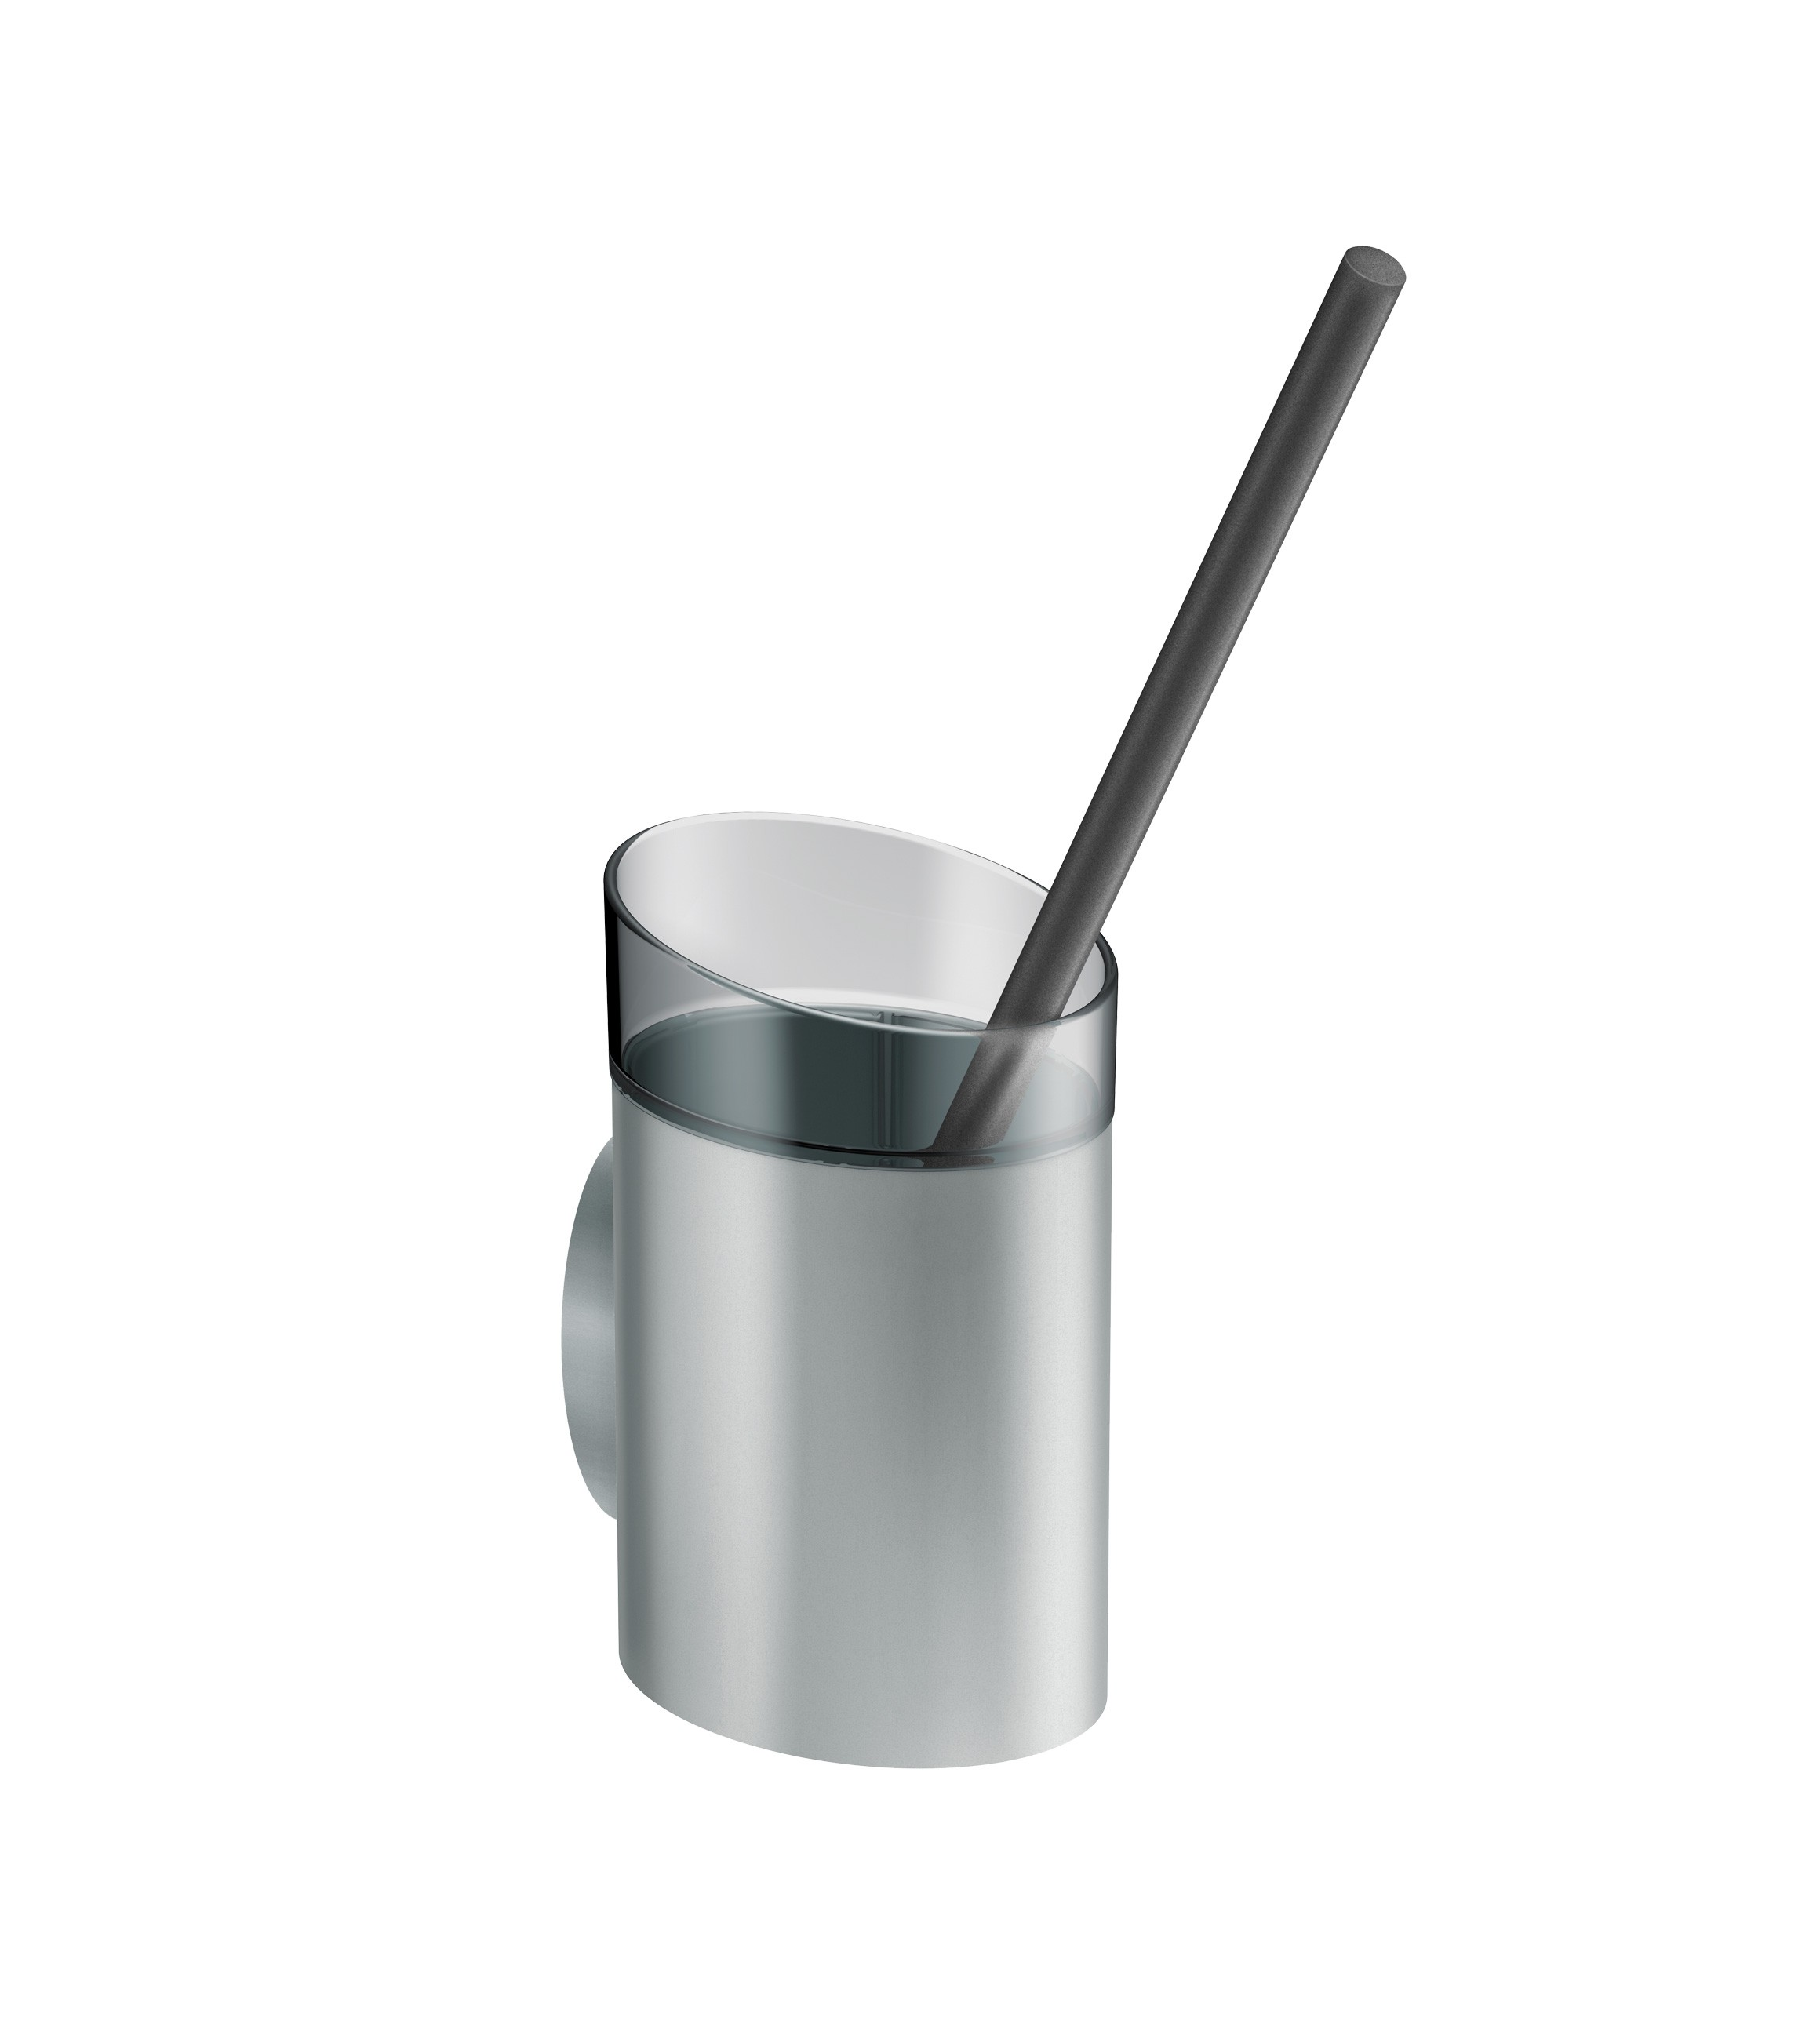 FSB WC-Bürstengarnitur A100 Aluminiumgrau metallinksc Anemonenweiß (0 82 8460 00008 8223)